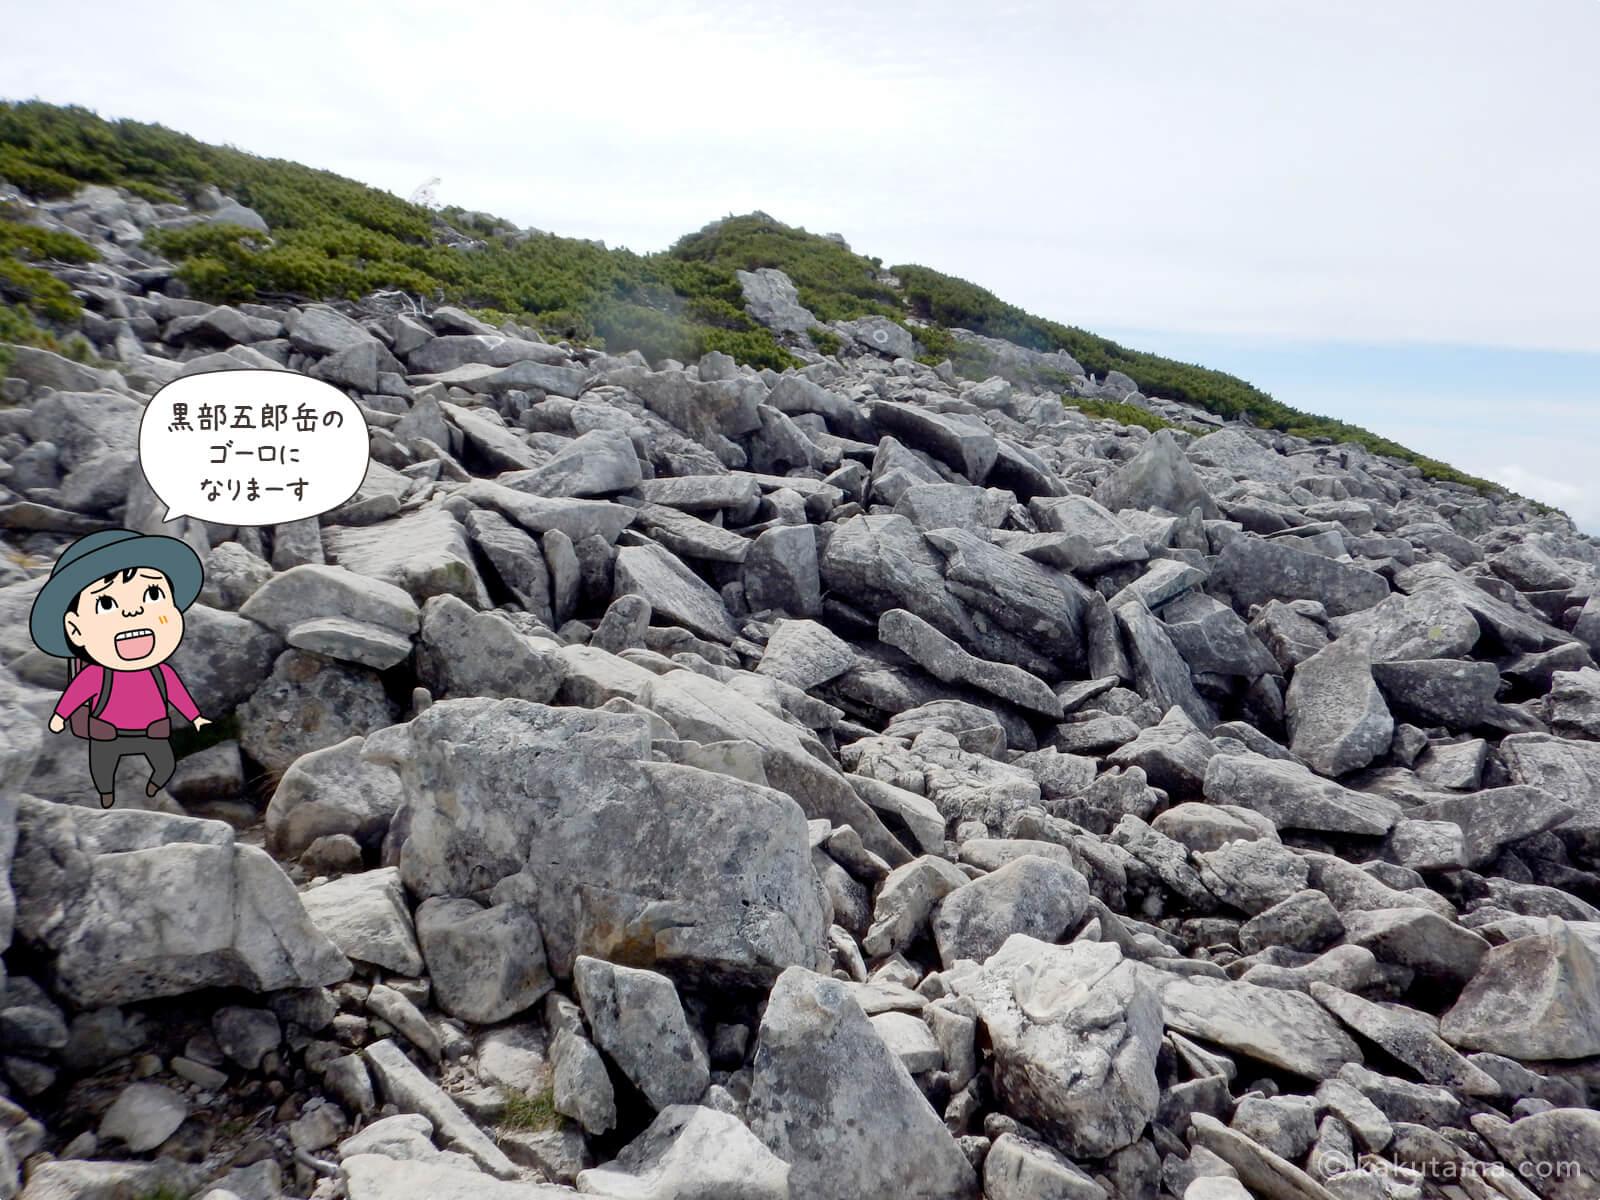 登山用語「ゴーロ」にまつわる黒部五郎岳の写真